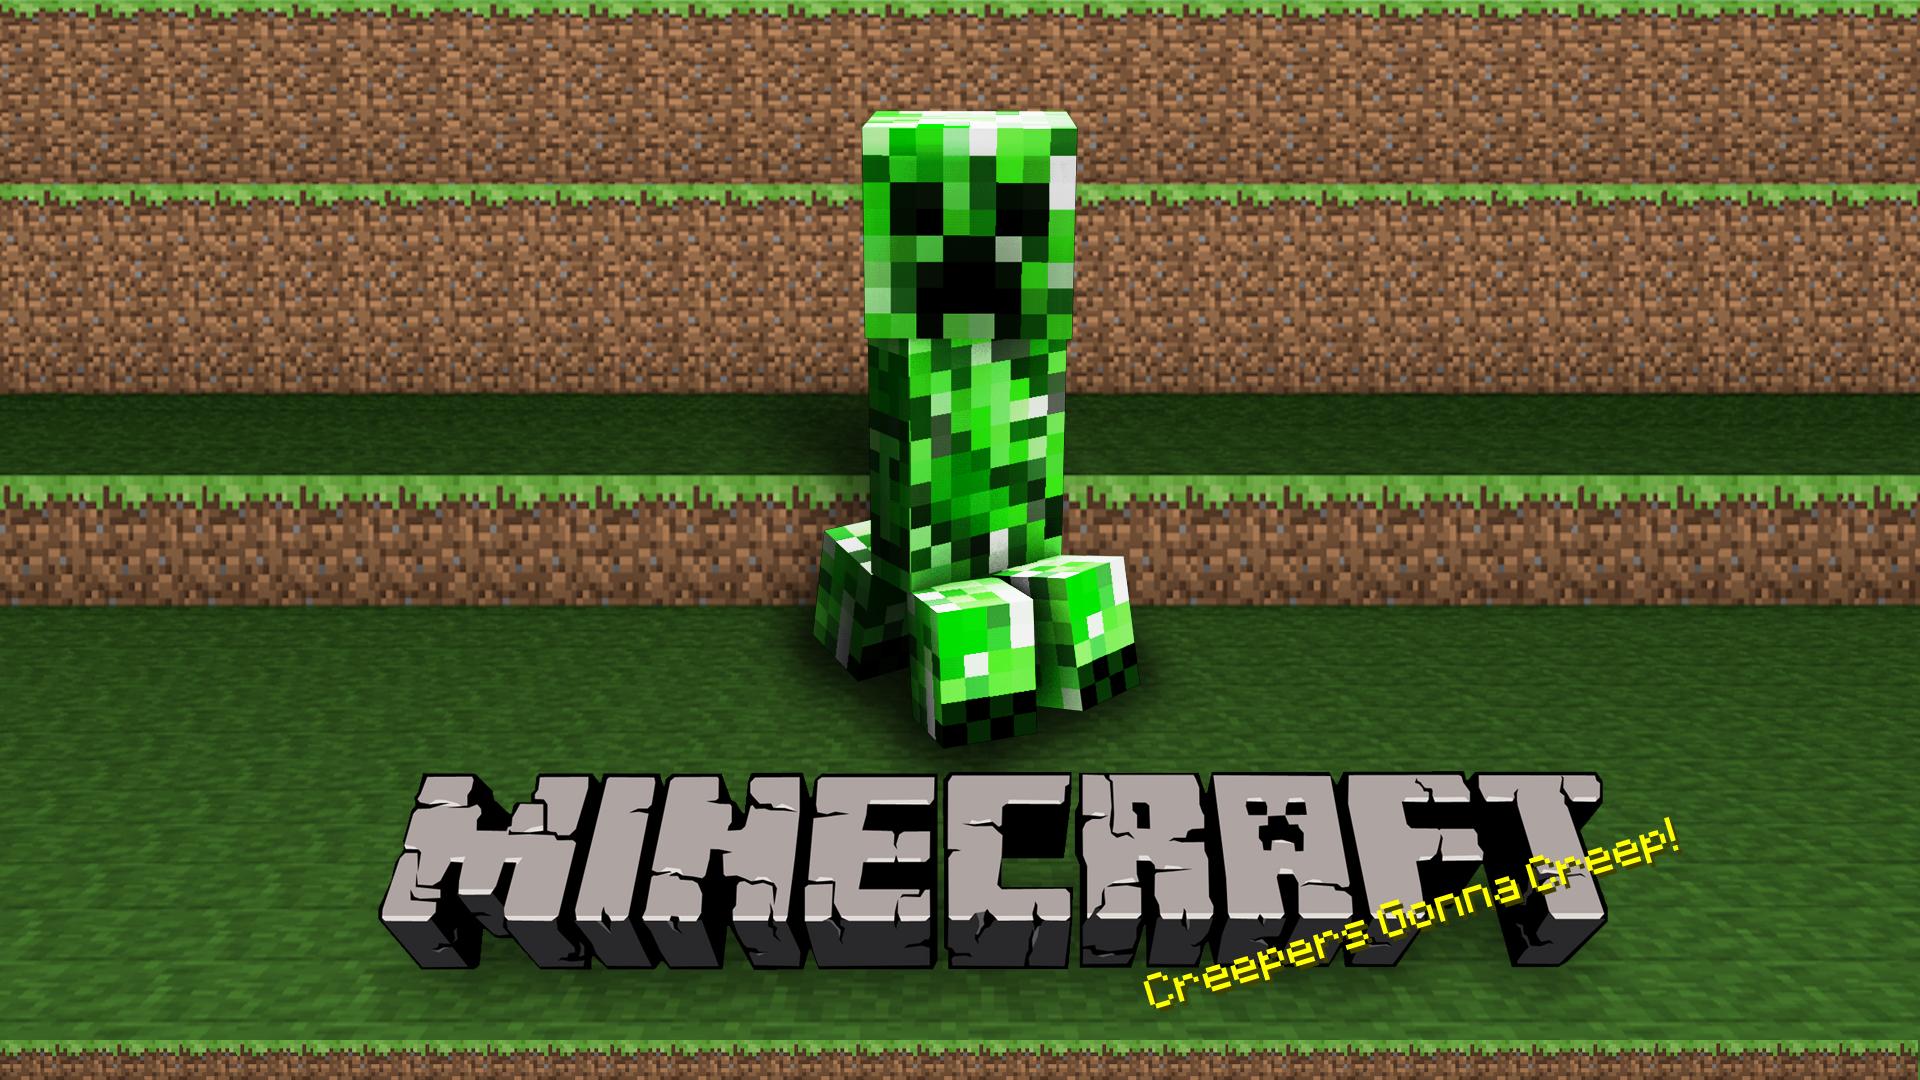 Download Minecraft Herobrine Wallpaper Hd 1080p